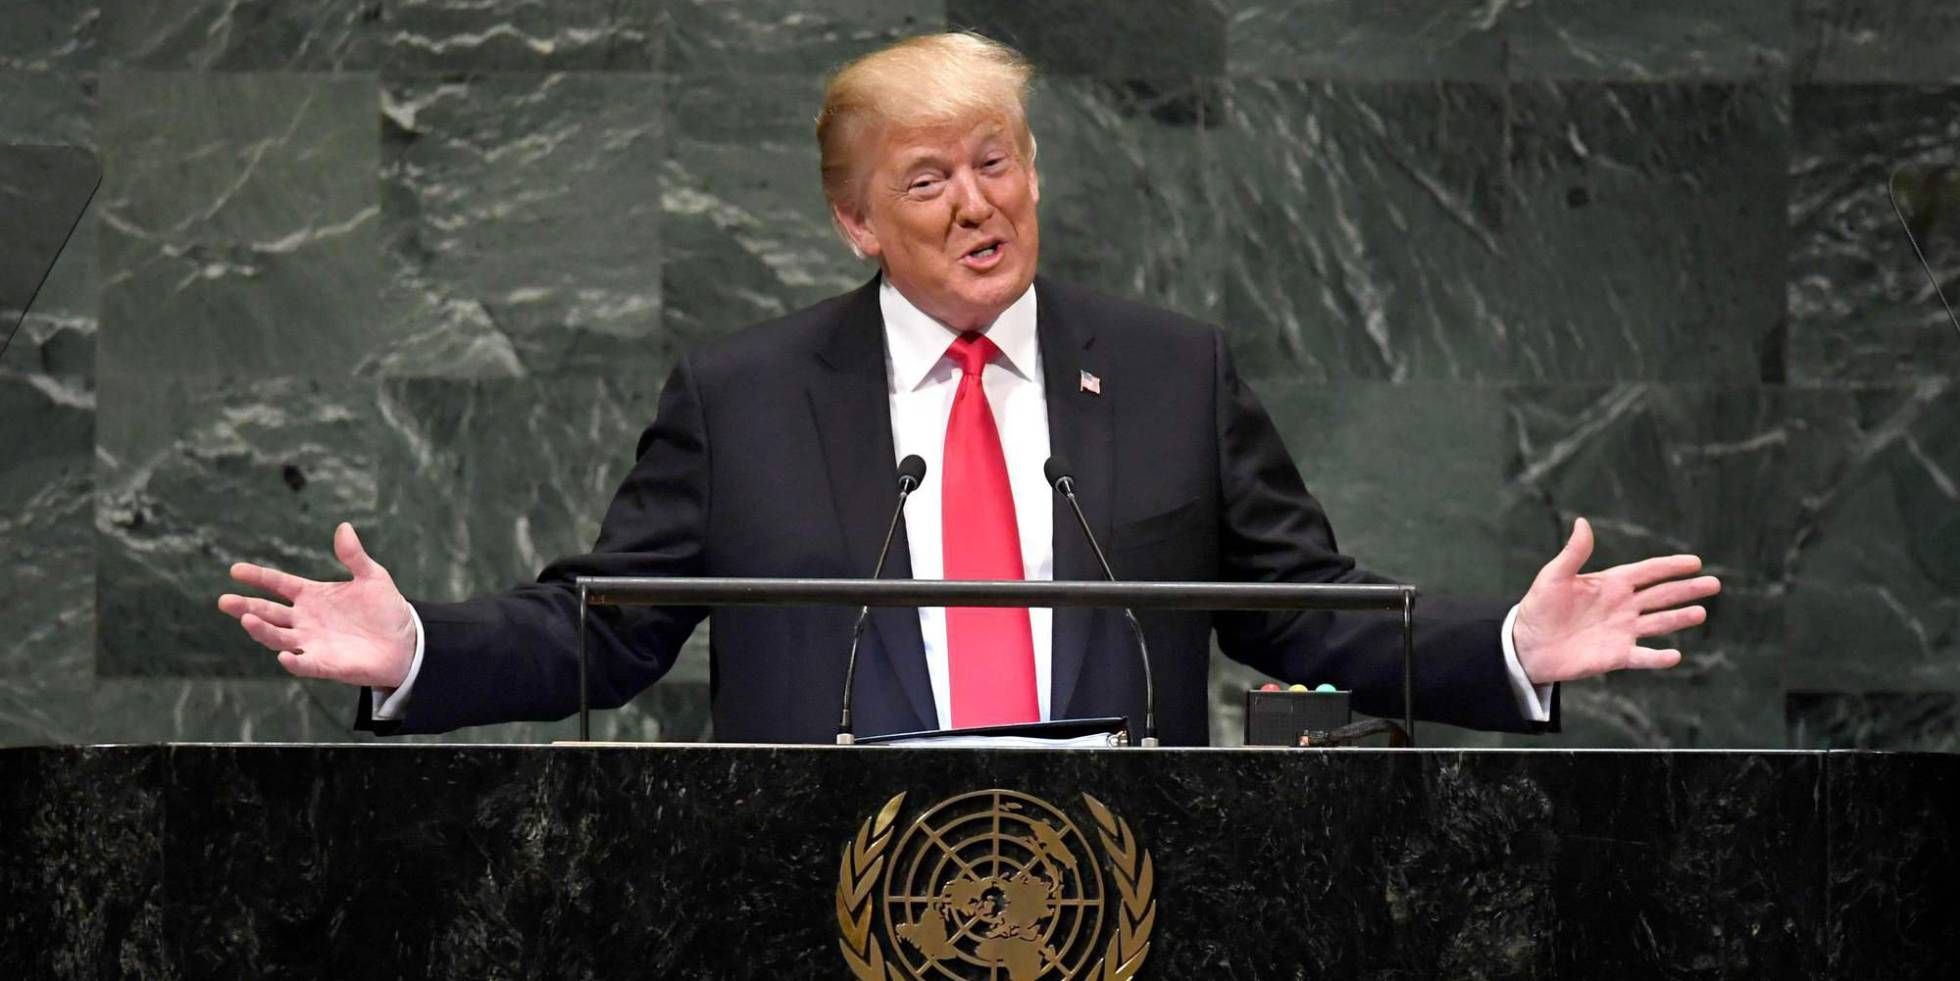 El presidente de Estados Unidos Donald Trump, durante su discurso en la 73ª Asambla General de la ONU.